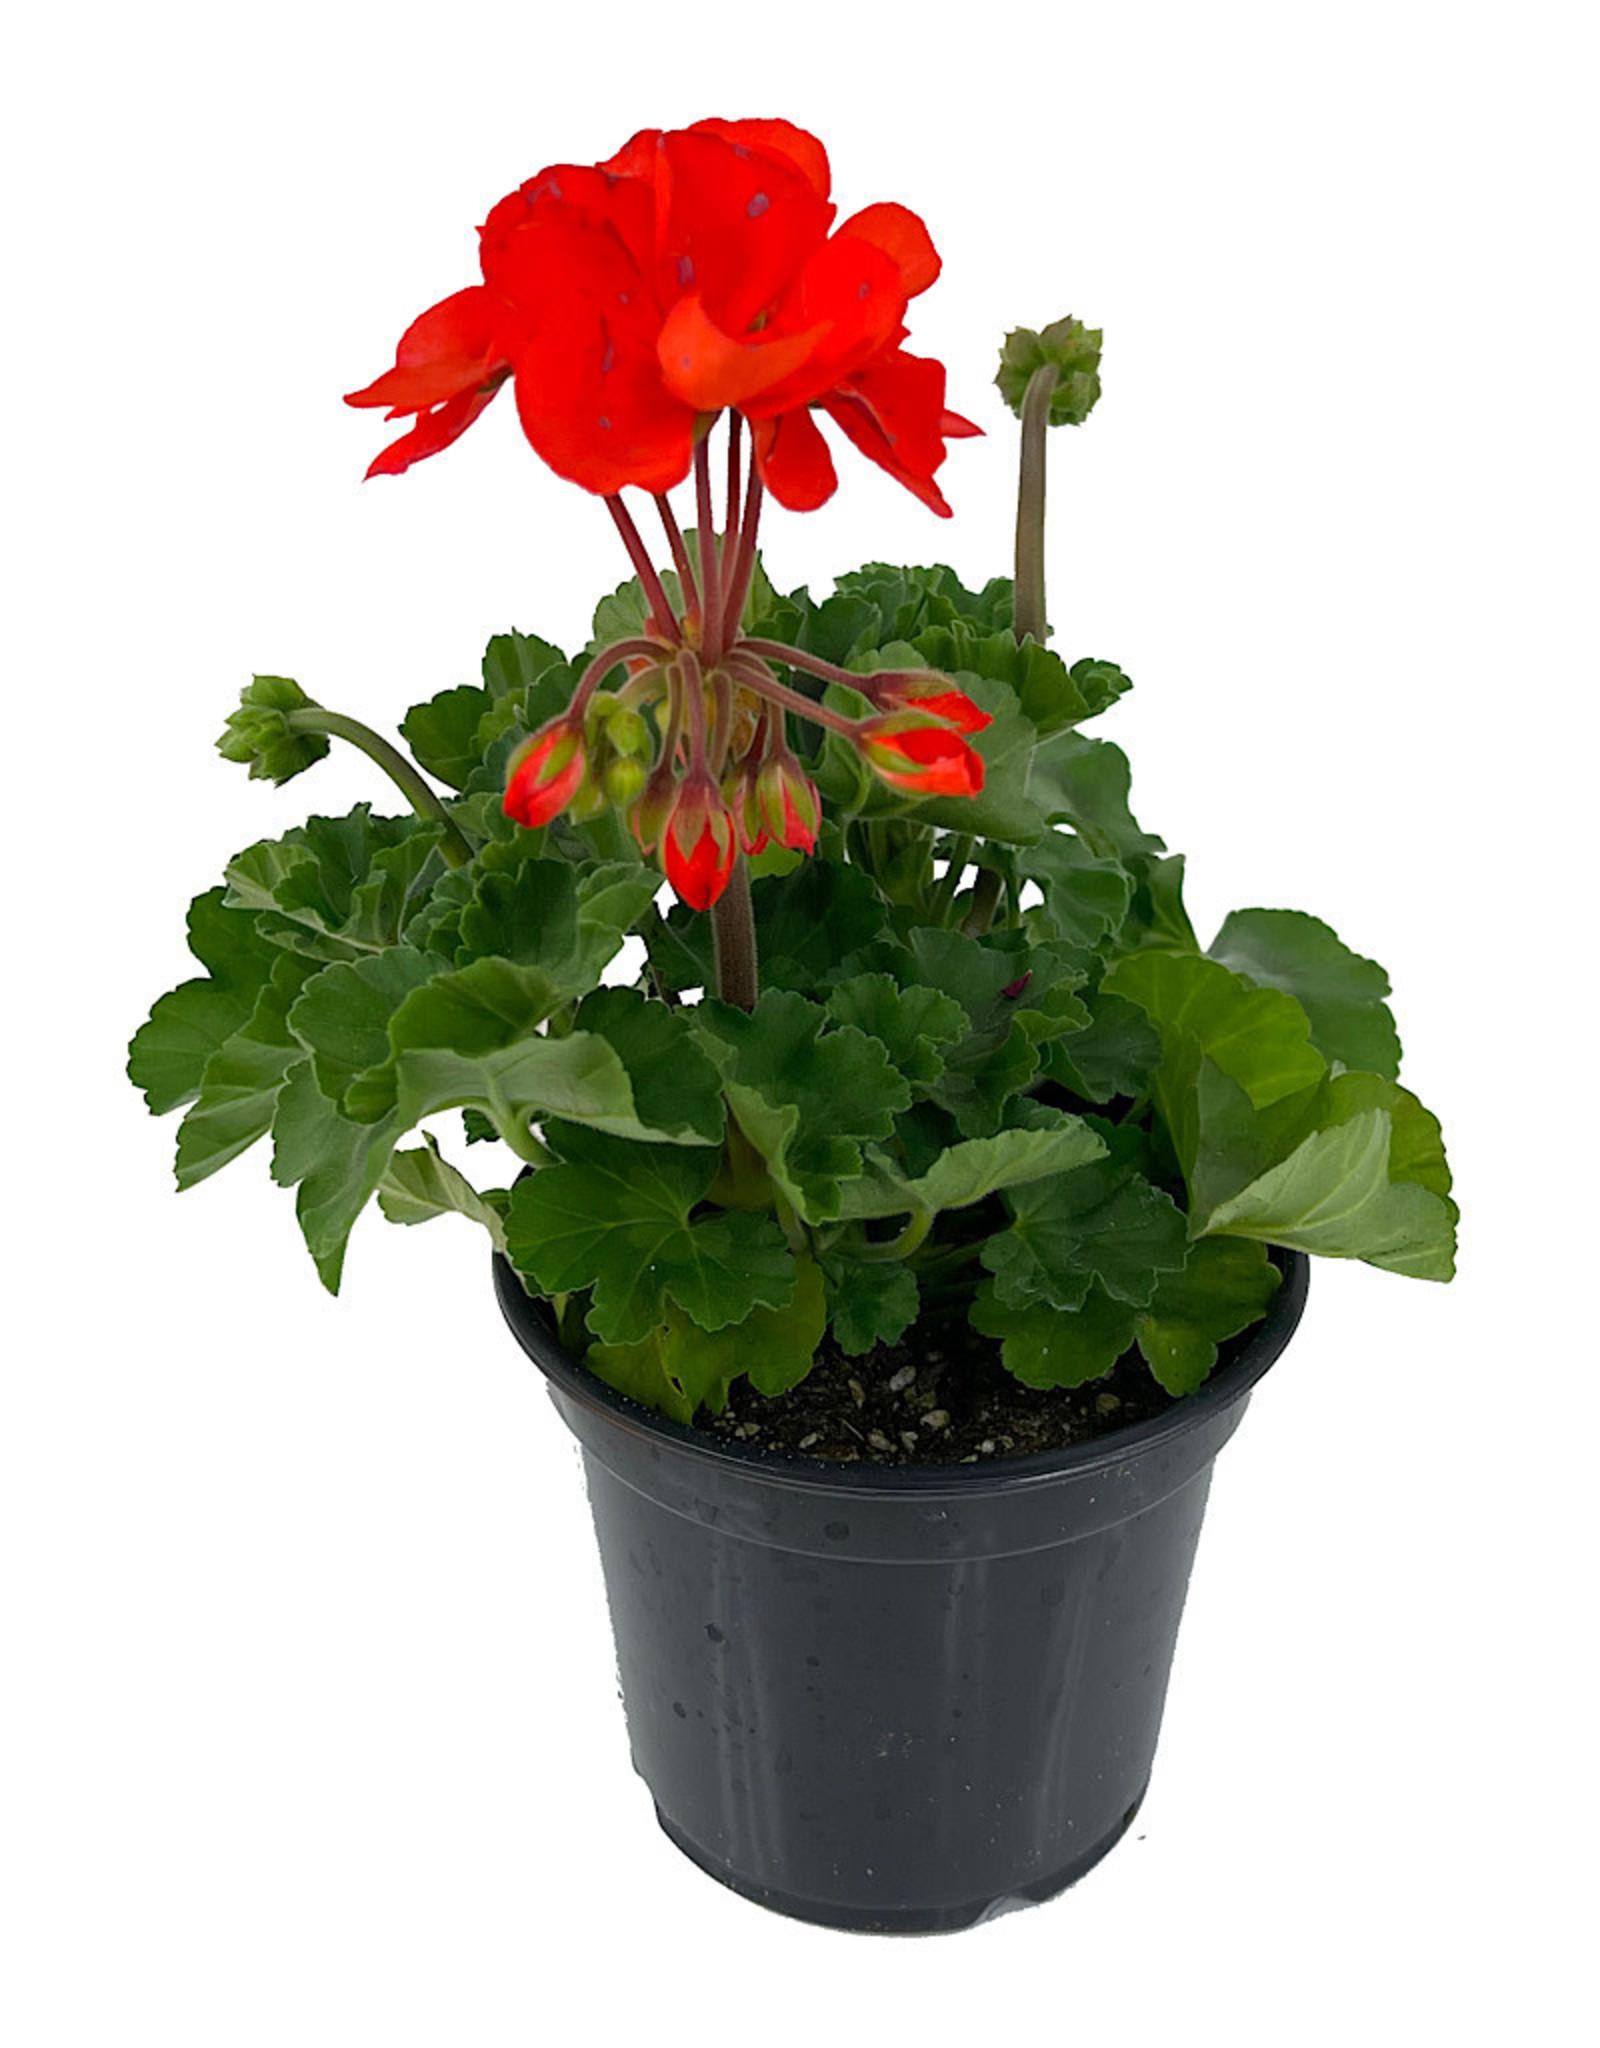 Geranium Zonal 'Presto Orange' 5 Inch